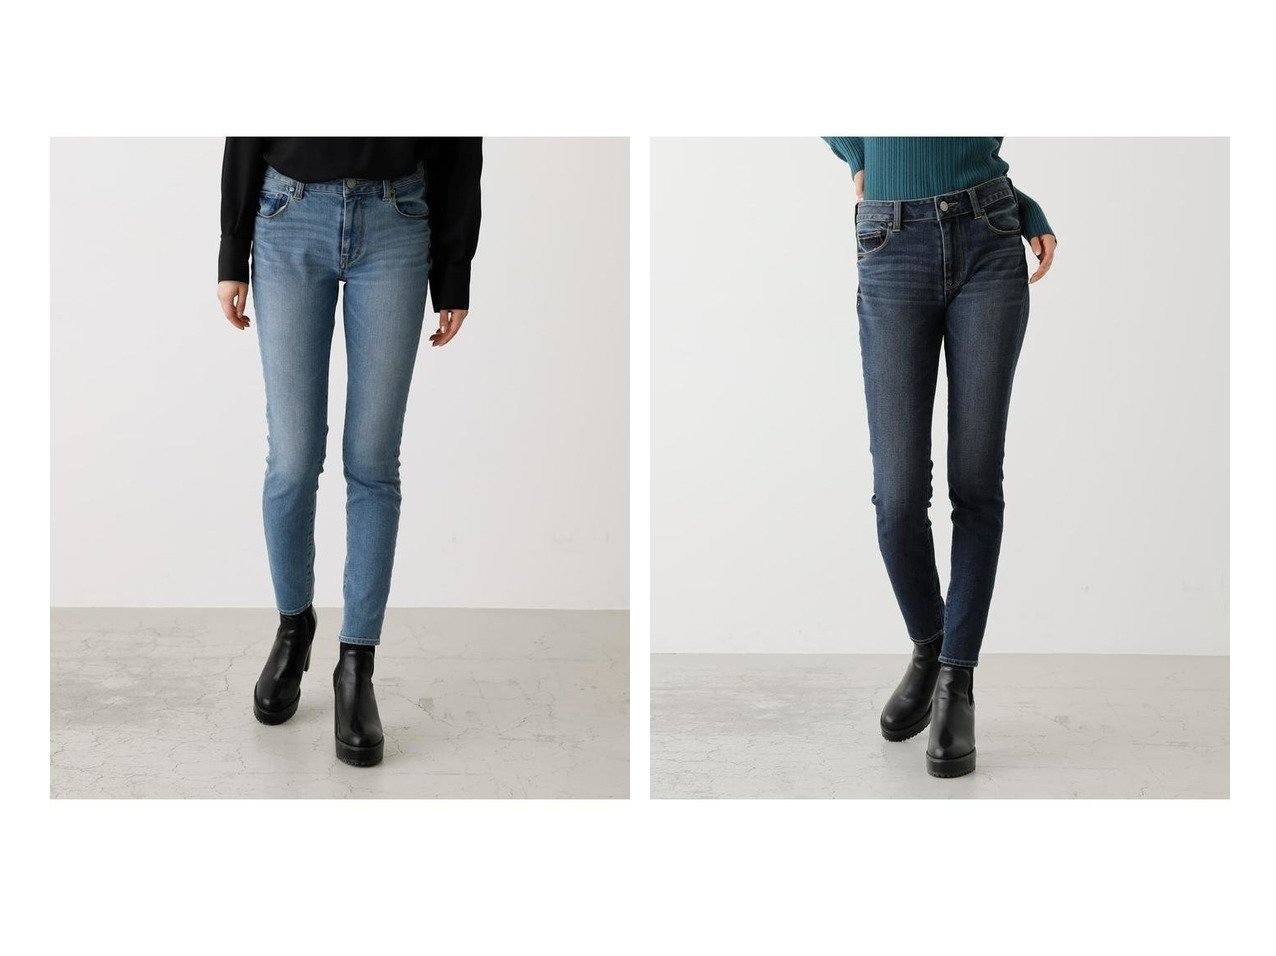 【AZUL by moussy/アズール バイ マウジー】のA PERFECT DENIM AIR 2 パンツのおすすめ!人気、トレンド・レディースファッションの通販 おすすめで人気の流行・トレンド、ファッションの通販商品 メンズファッション・キッズファッション・インテリア・家具・レディースファッション・服の通販 founy(ファニー) https://founy.com/ ファッション Fashion レディースファッション WOMEN パンツ Pants デニムパンツ Denim Pants 抗菌 ストレッチ デニム デニムスキニー フィット 2021年 2021 再入荷 Restock/Back in Stock/Re Arrival S/S 春夏 SS Spring/Summer 2021 春夏 S/S SS Spring/Summer 2021 |ID:crp329100000023848